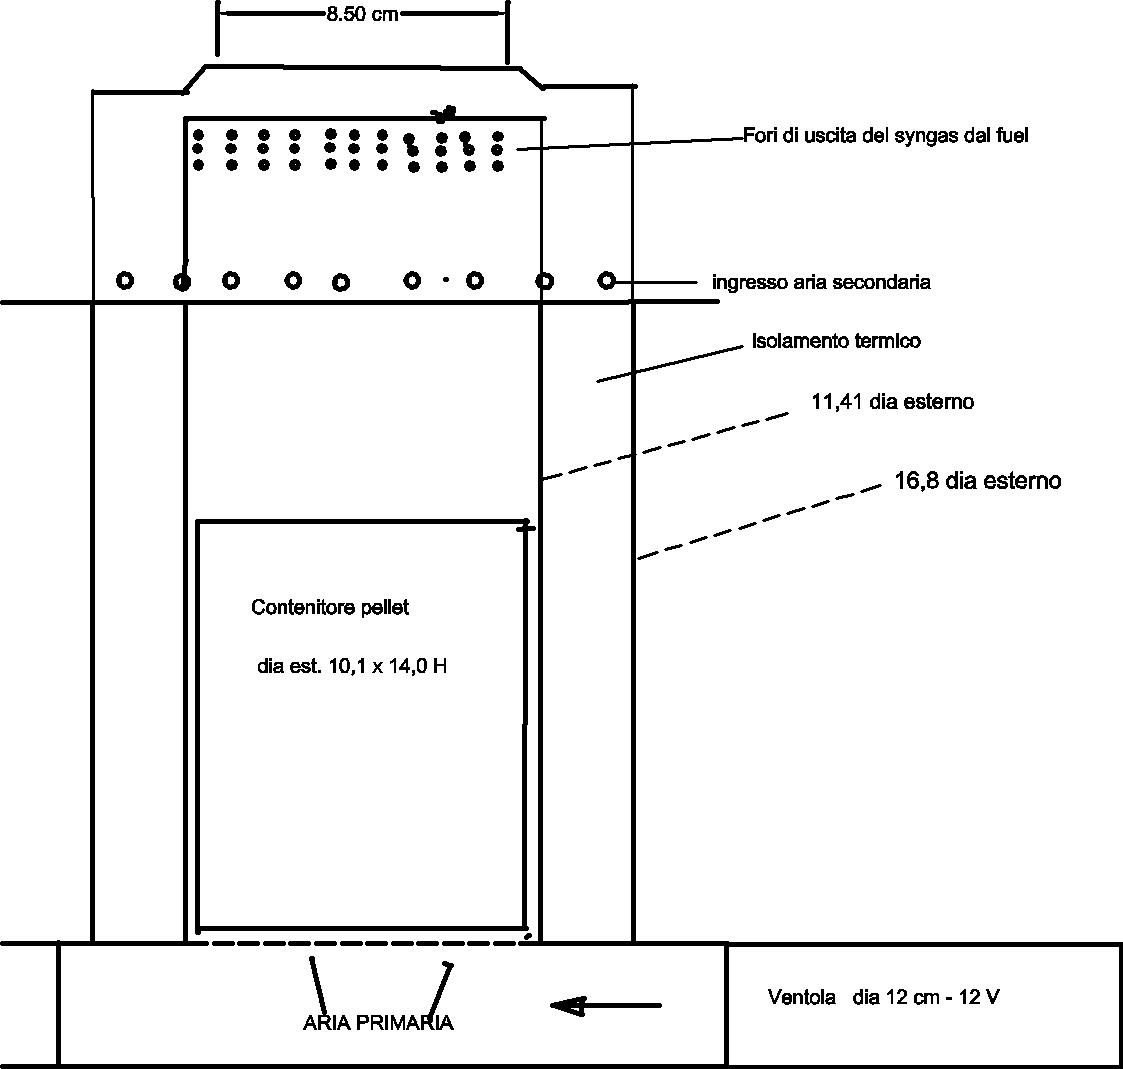 Combustore pirolitico by vietnam pagina 1 stufe for Costruire stufa pirolisi